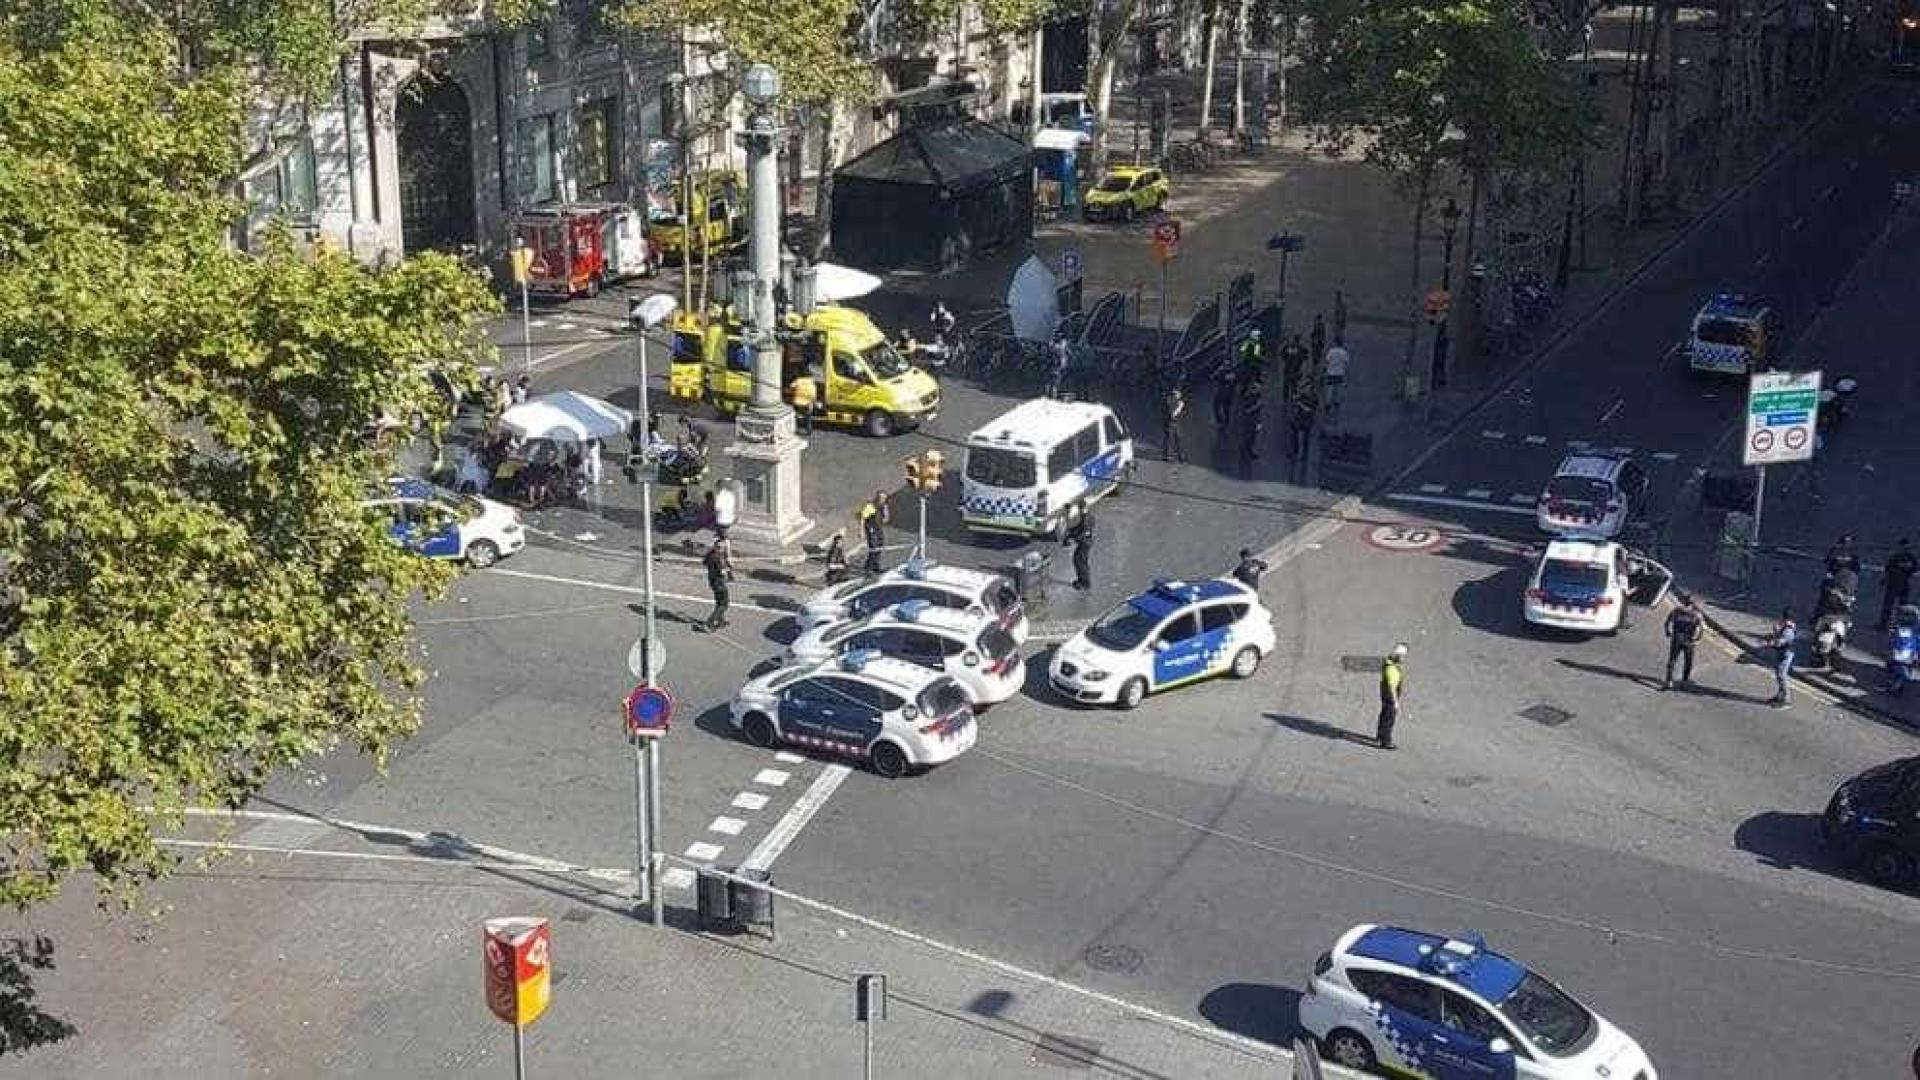 Van atropela dezenas de pessoas em Barcelona